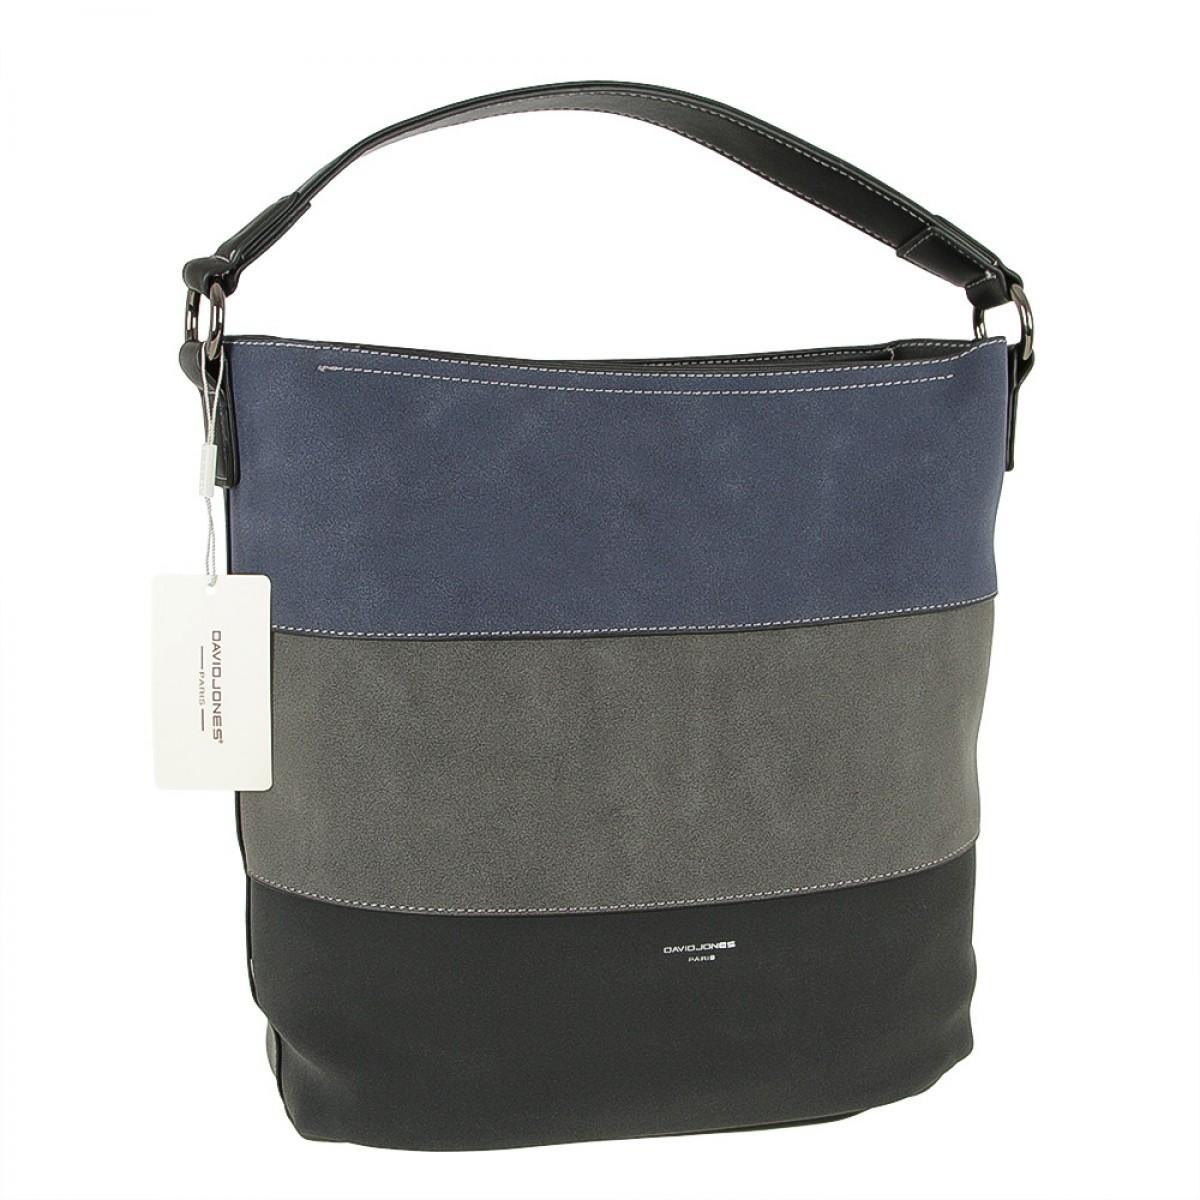 Жіноча сумка David Jones 5826-1 BLACK